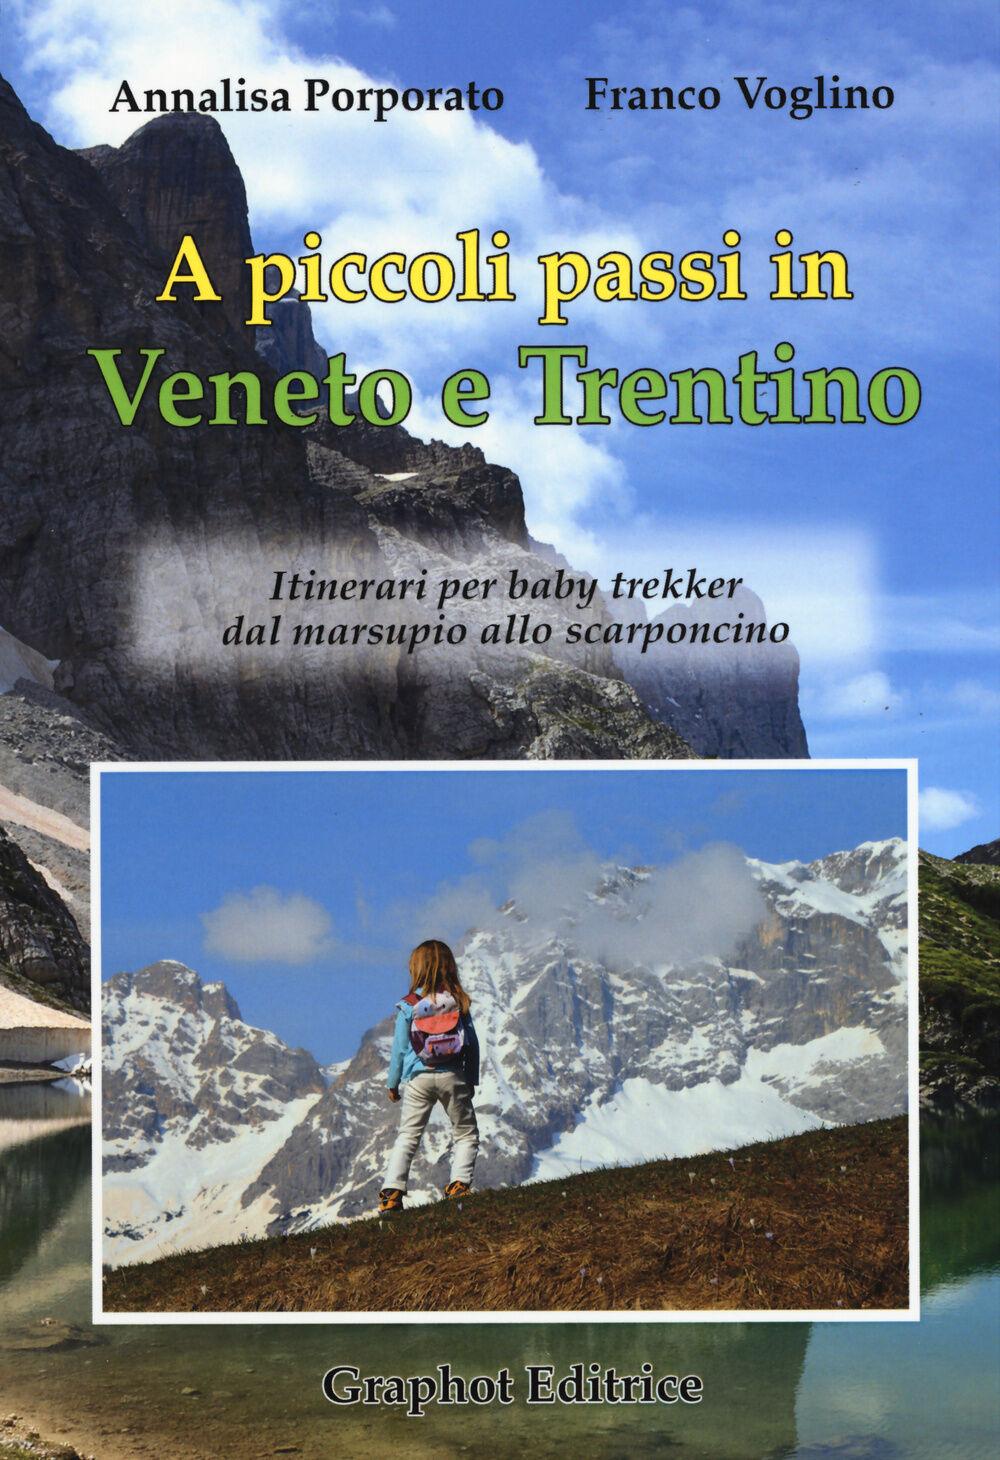 A piccoli passi in Veneto e Trentino. Itinerari per baby trekker dal marsupio allo scarponcino